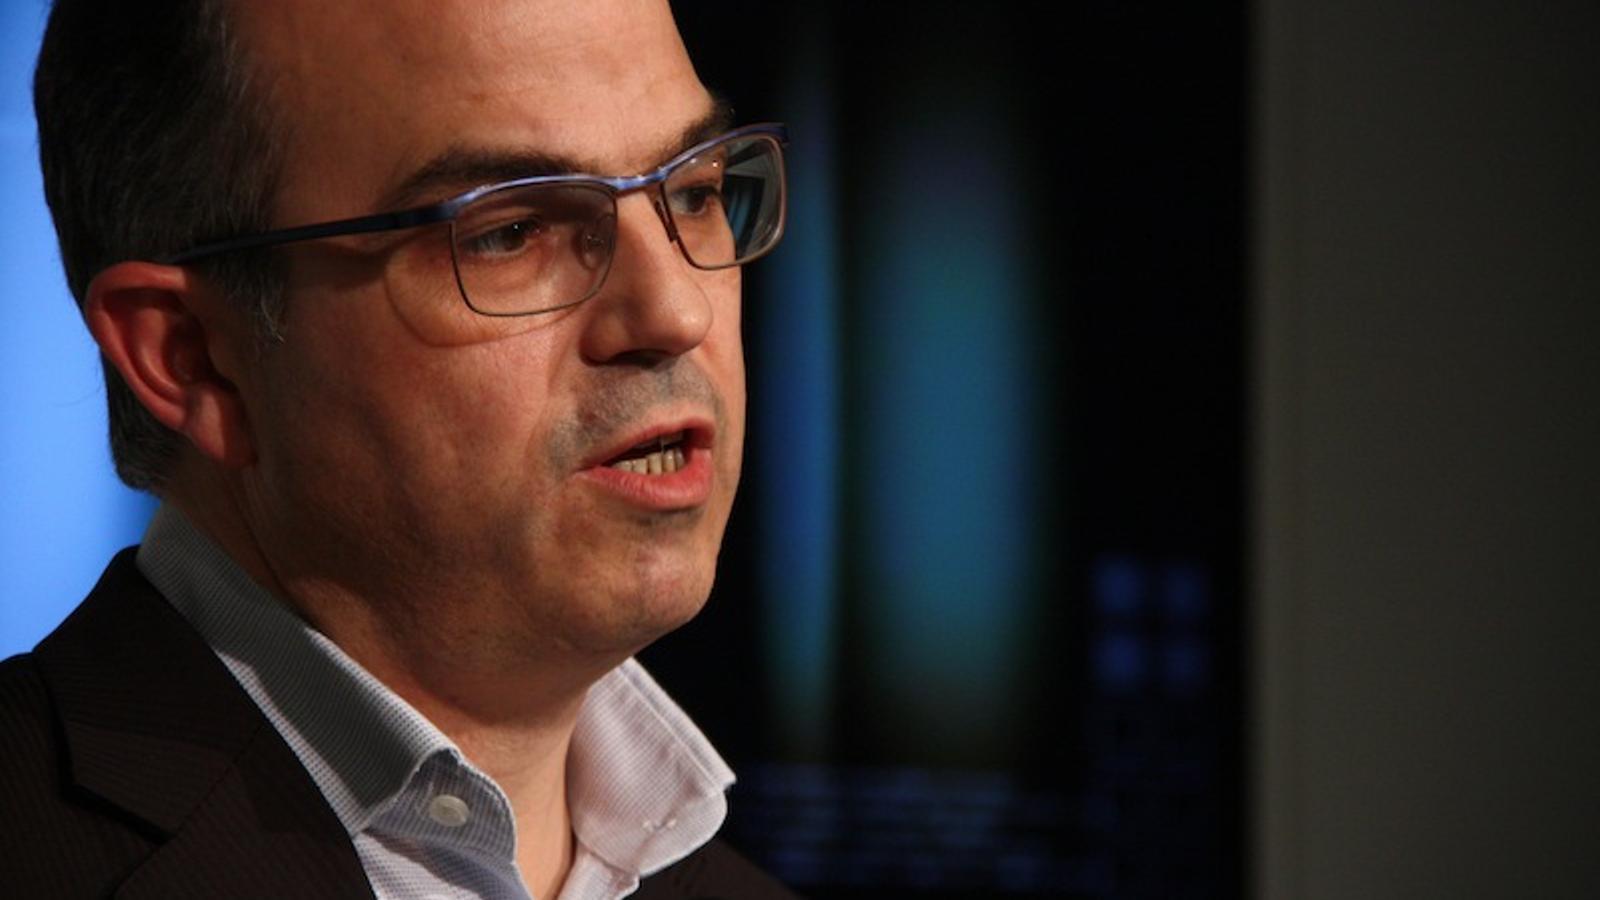 El president del grup parlamentari de CiU, Jordi Turull / ACN